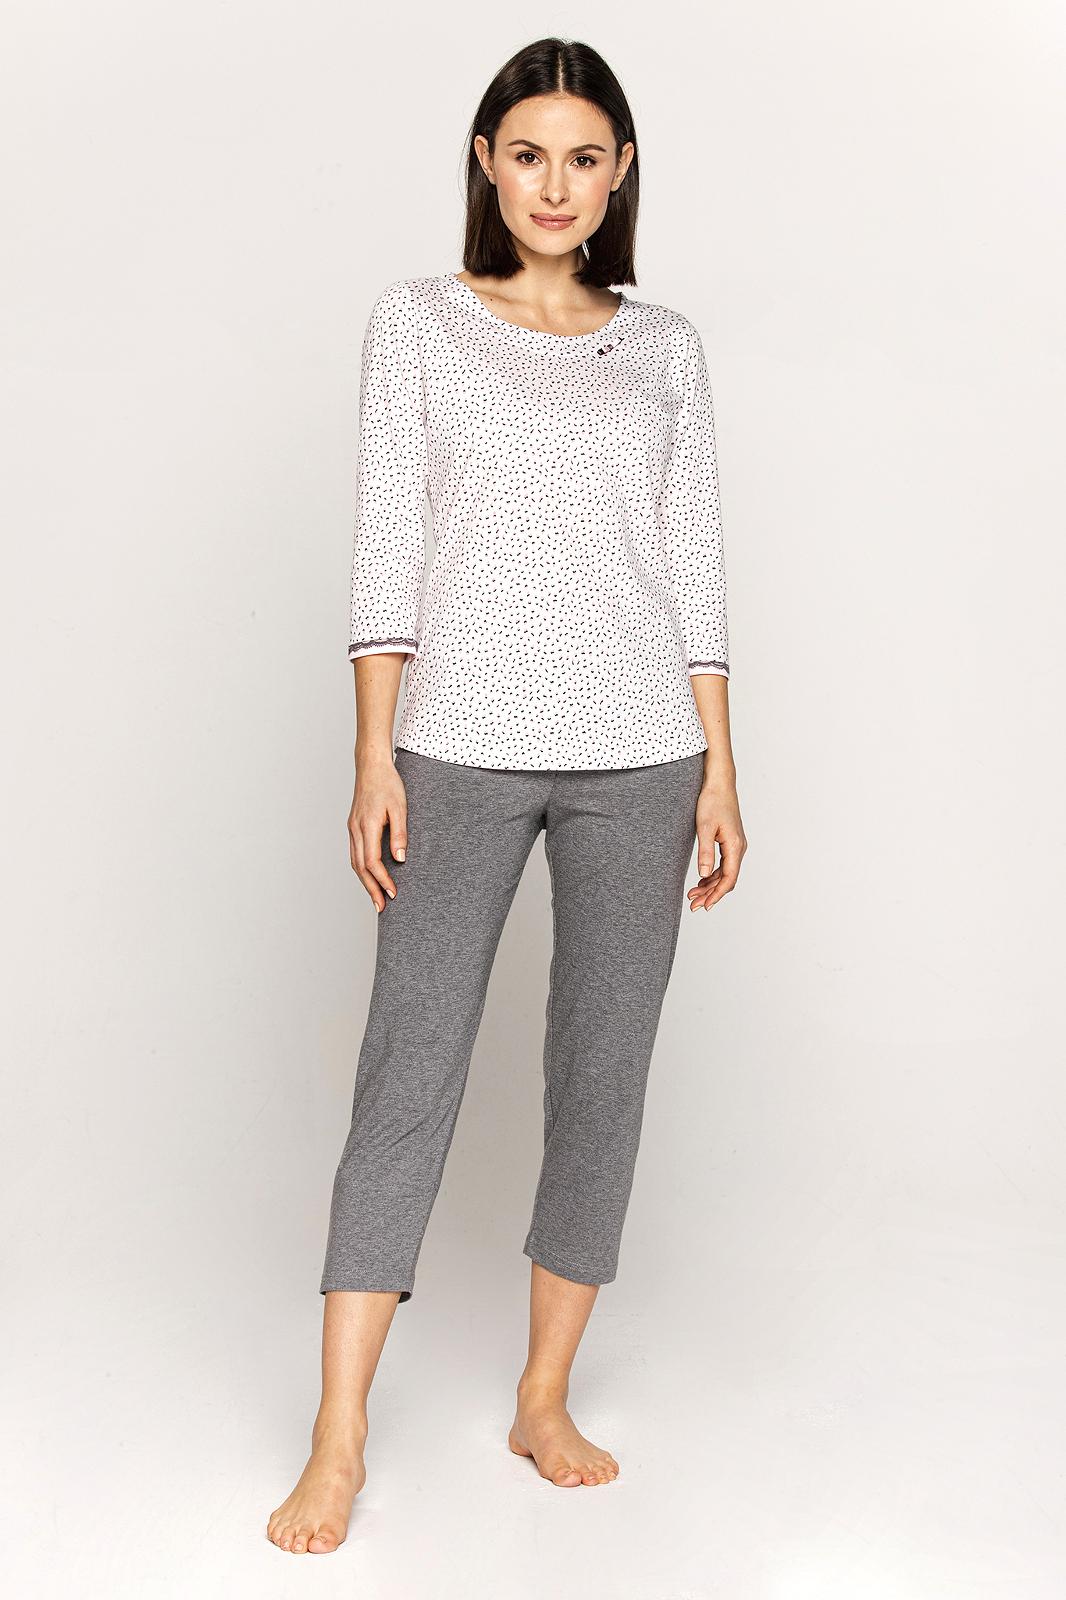 Dámské pyžamo Cana 565 3/4 S-XL